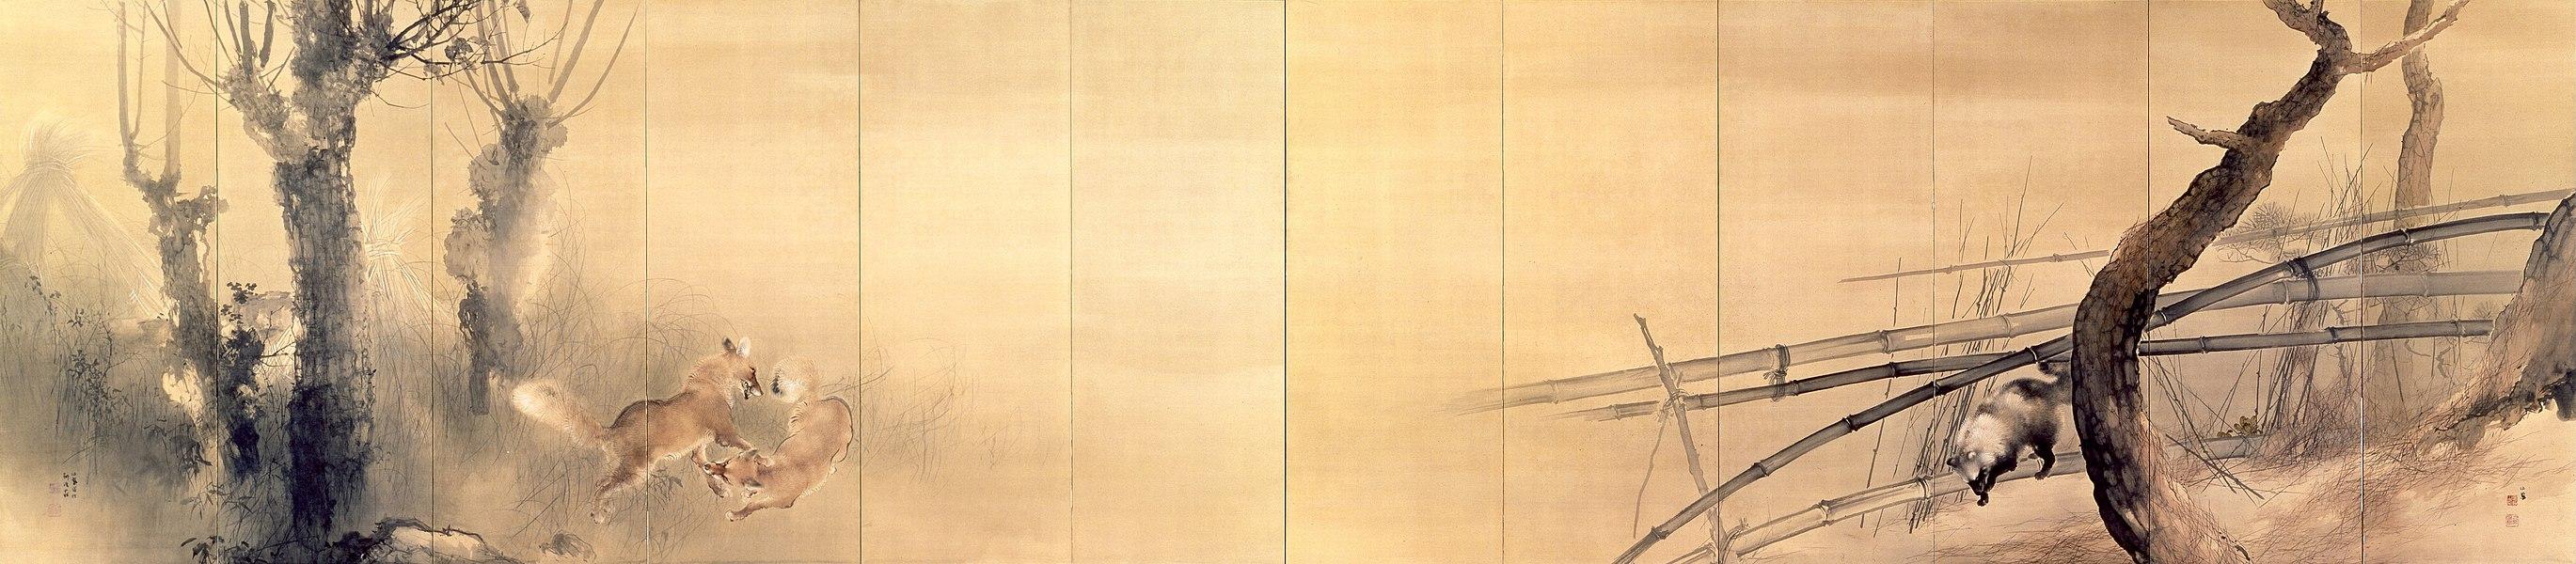 takeuchi seiho - image 9